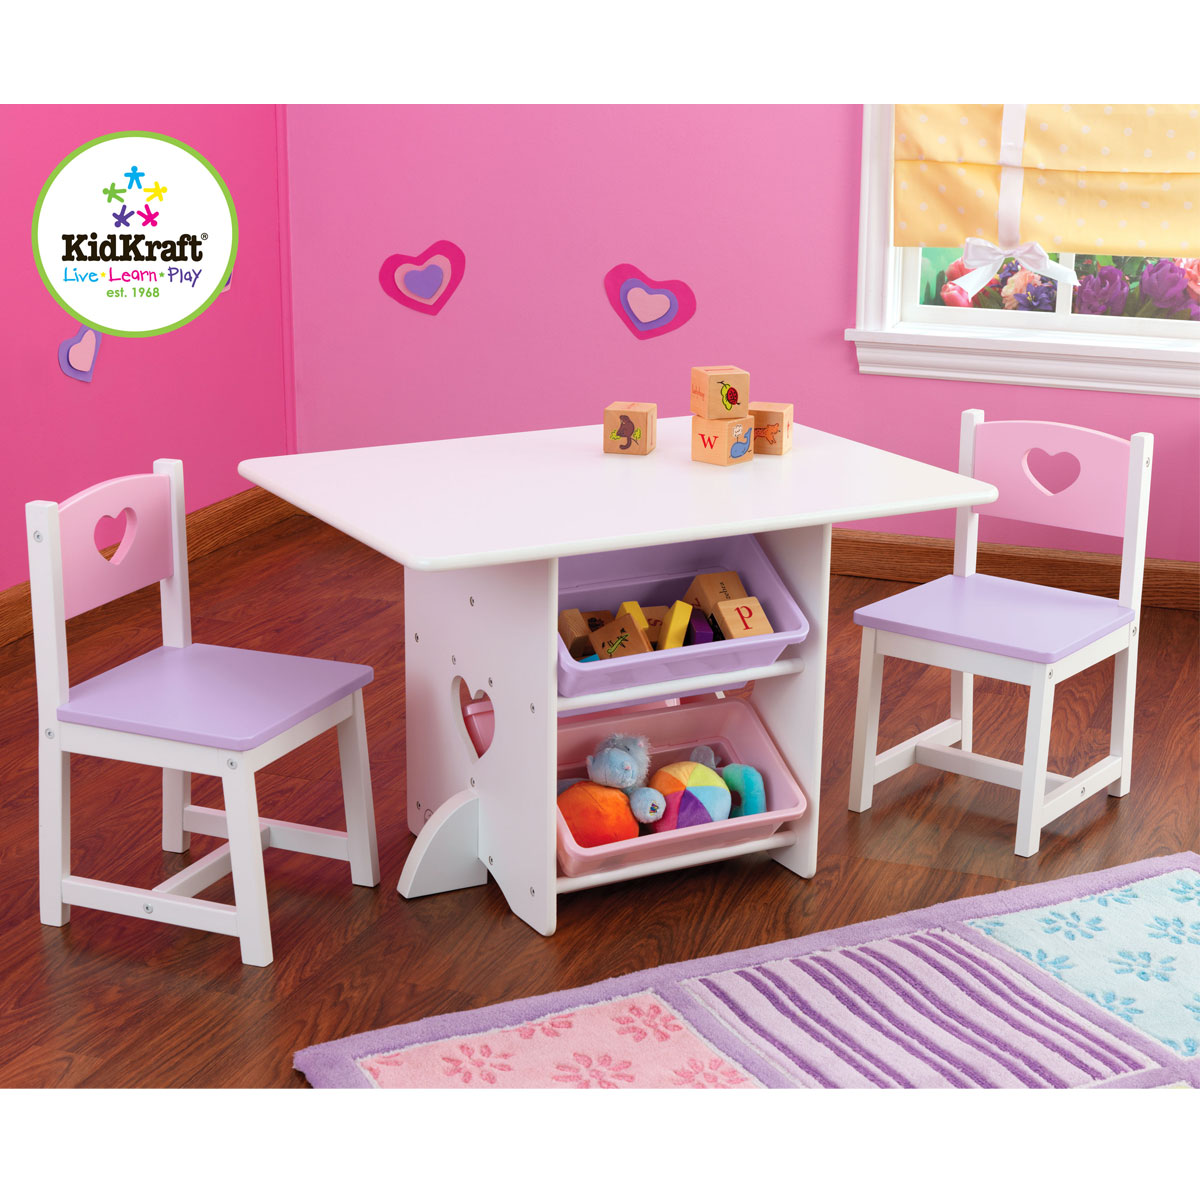 Kidkraft 26913 Heart, Set Tavolo e sedia per bambini con cestelli